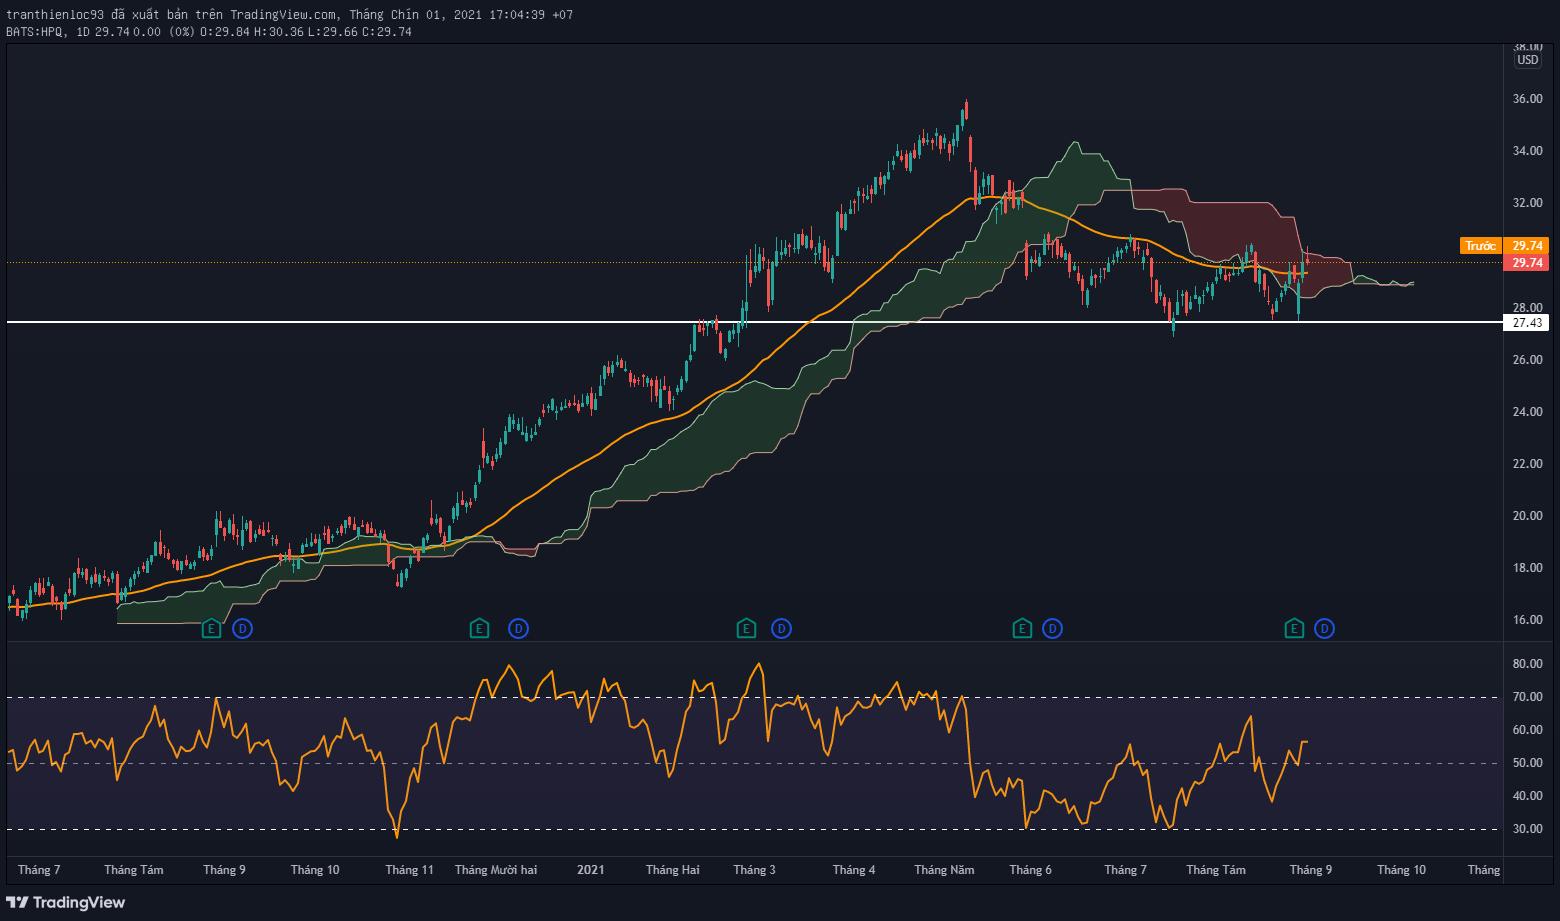 Biểu đồ cổ phiếu HPQ